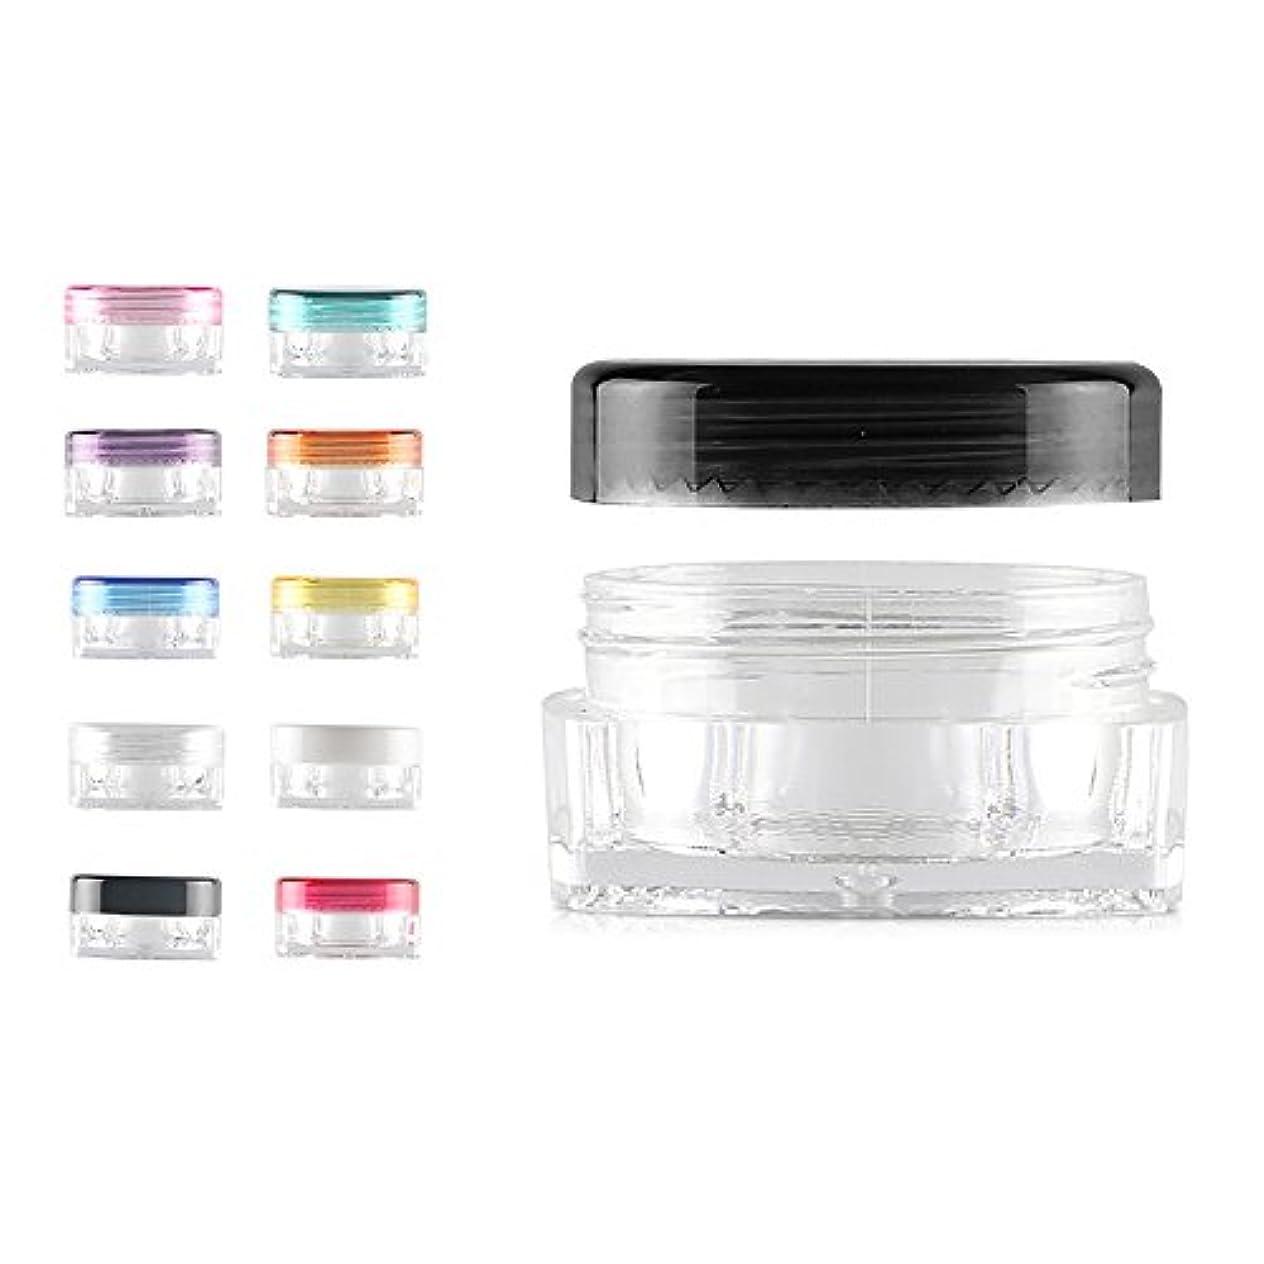 楽しむ必要とする忠実に12 PCS熱望薄型デザインミニリップクリームサンプルコンテナ クリーム ネイルアート製品(3g 5g) BPAフリー用トラベル化粧品の瓶 - ブラック - 3g